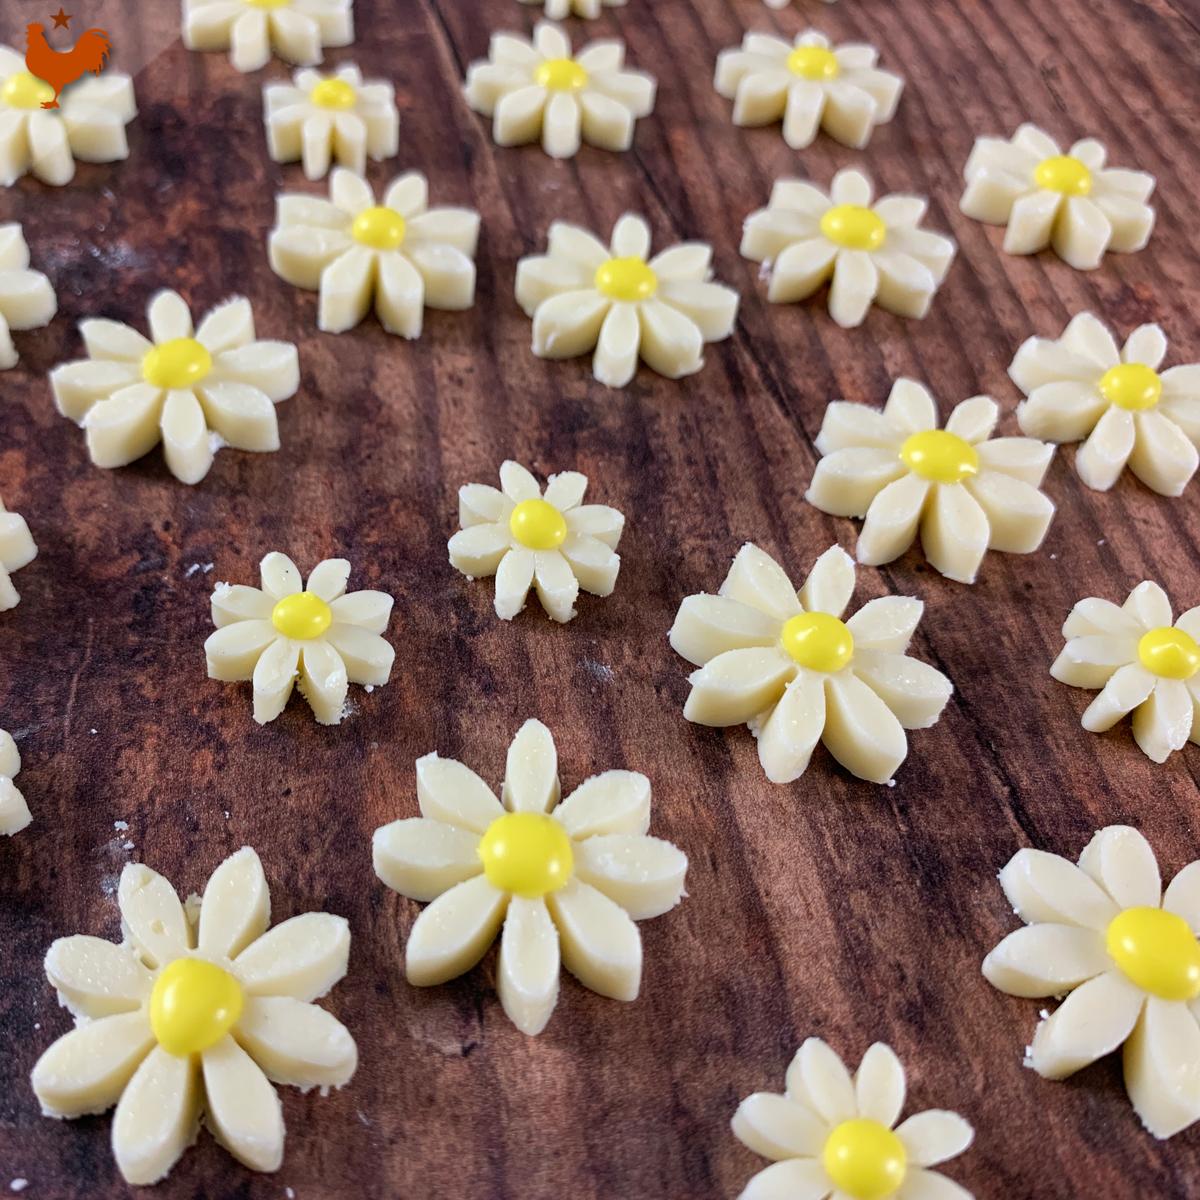 Les Fleurs Comestibles Décoratives de Antonio Bachour (marguerites déco)